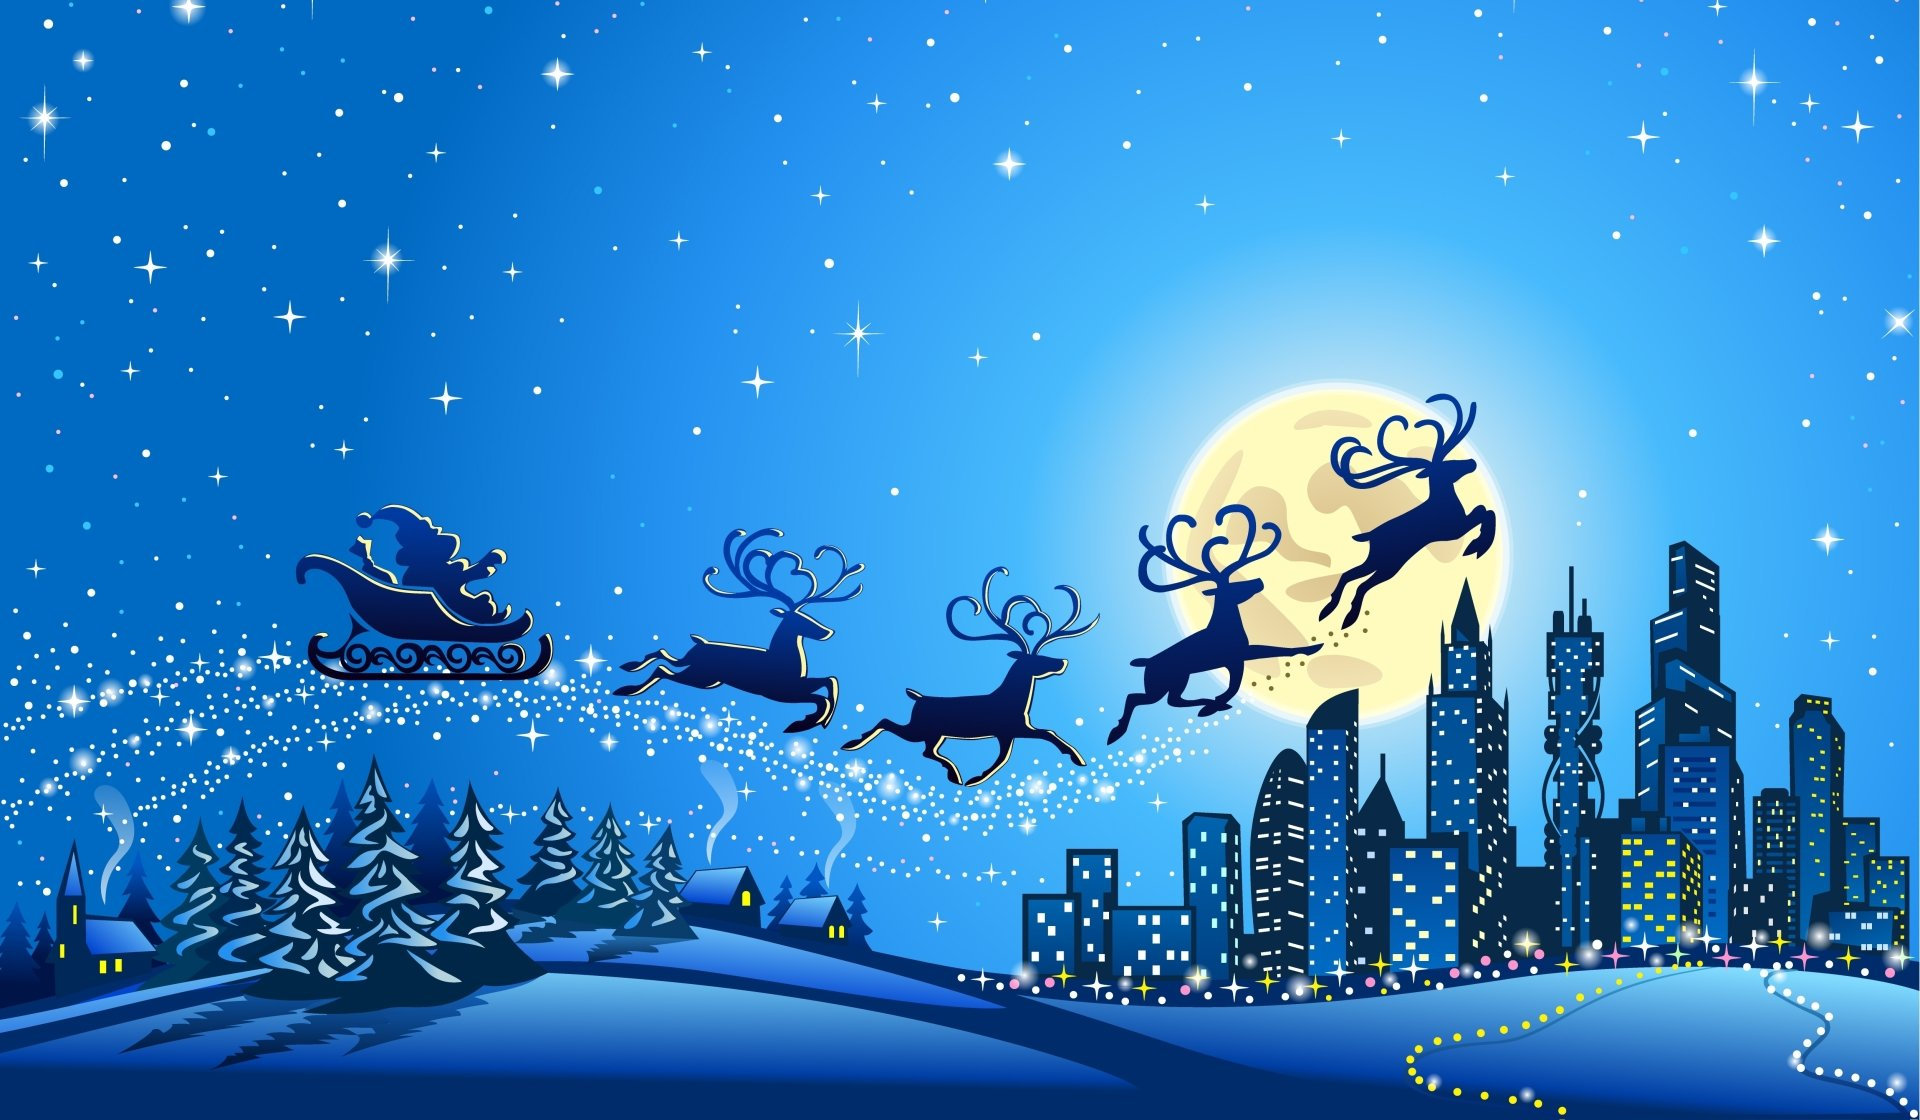 节日 - 圣诞节  Santa Sleigh Reindeer 壁纸